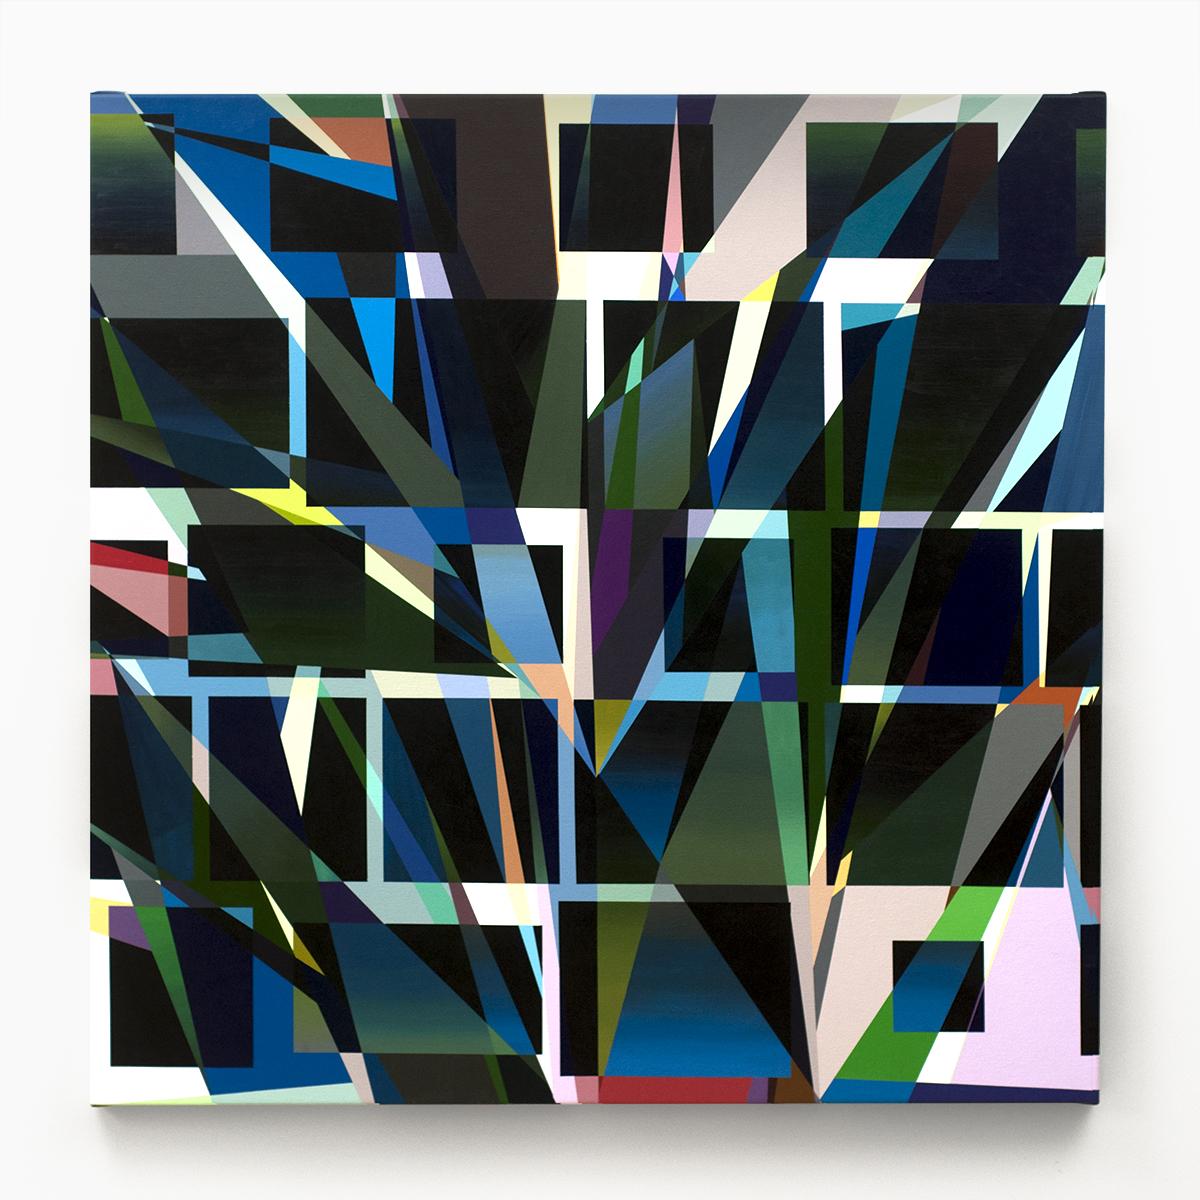 """QIS  , 2012  Acrylic on canvas  42 x 42"""" (107 x 107 cm)"""